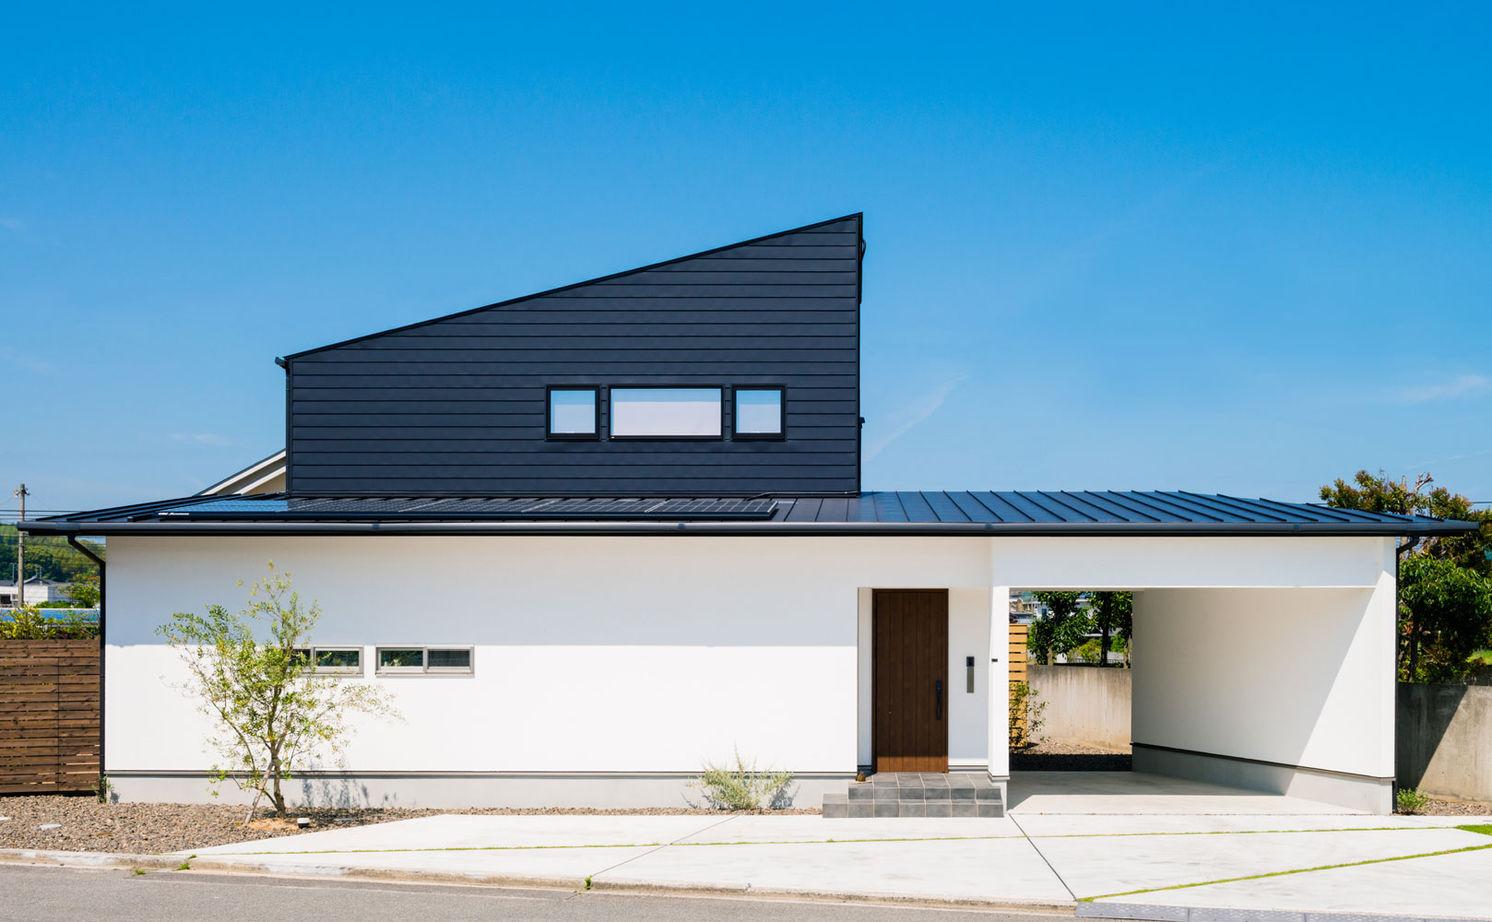 【2000~2500万円】「平屋」風スキップフロアの「ガレージハウス」。空間をタテに広げ、面積以上の開放感!画像1